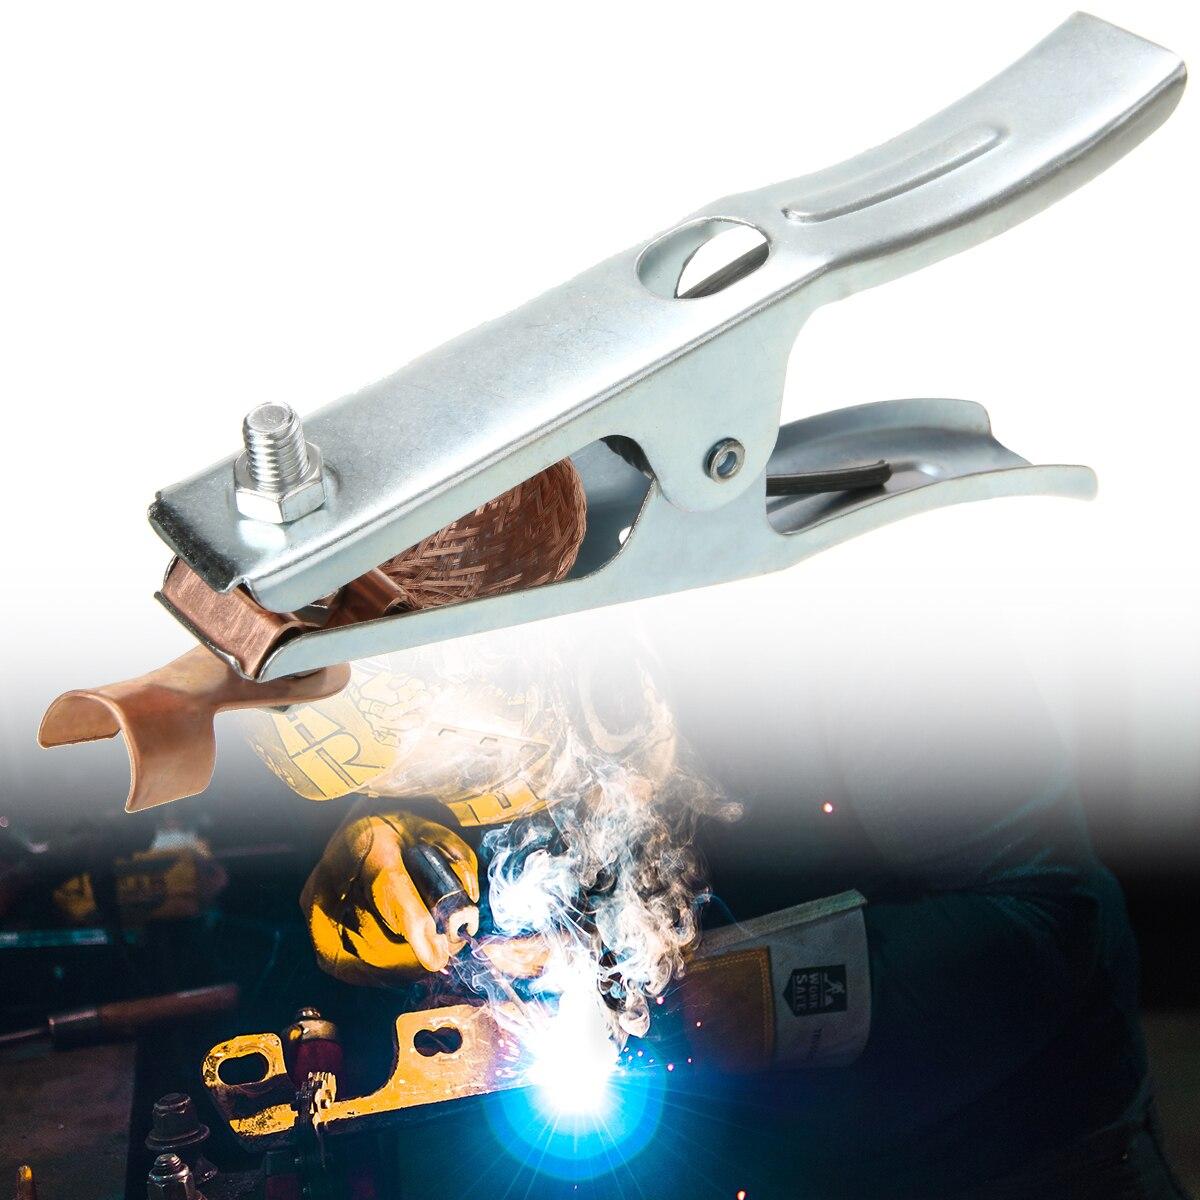 300 ампер Заземляющий зажим держатели электродов для профессионального использования сварочный Ручной сварщик 175 мм сварочный Заземляющий ...